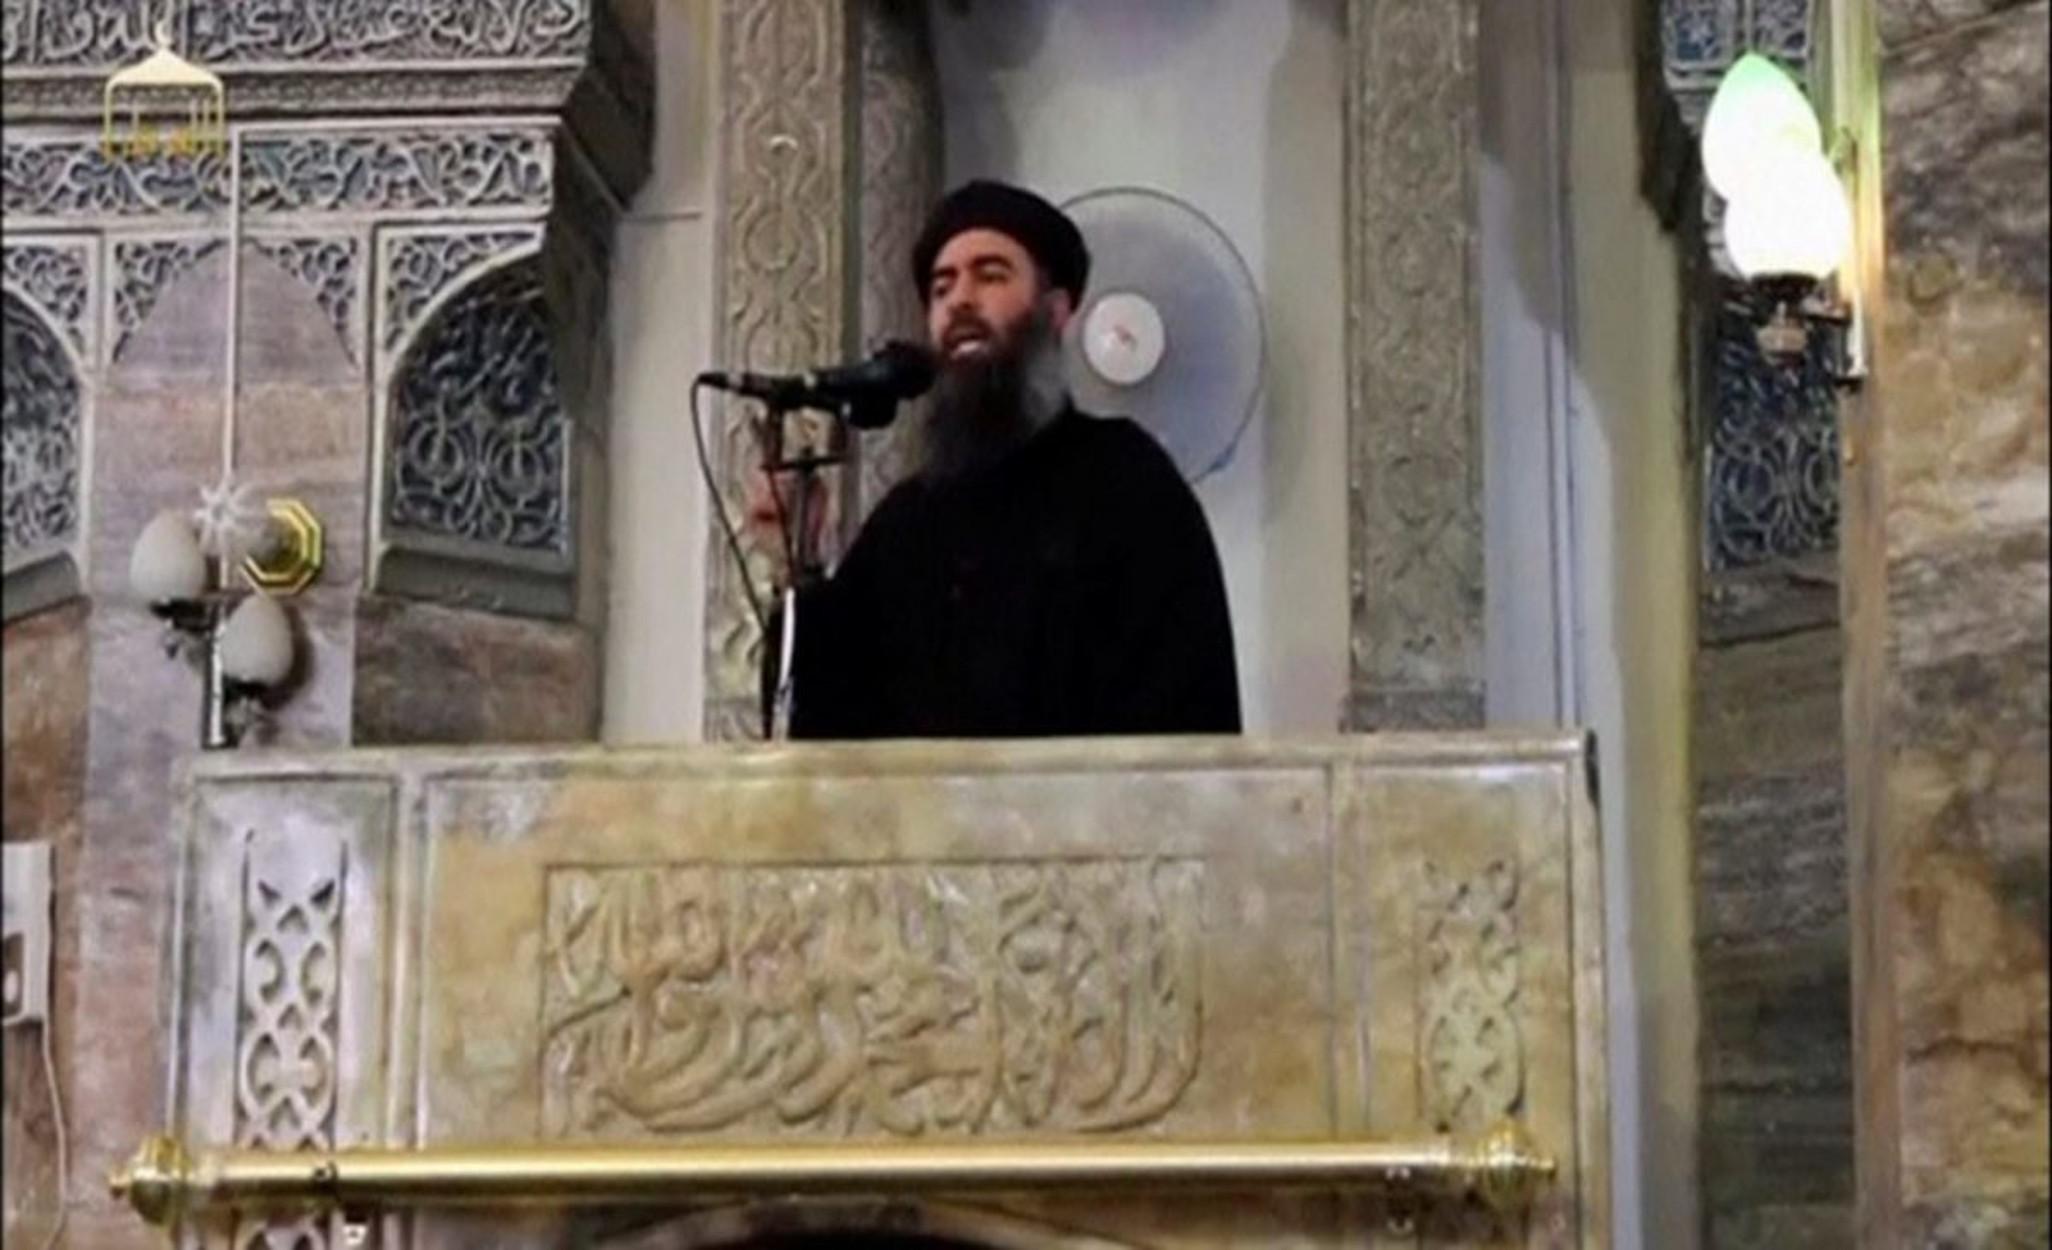 Μπαγκντάντι: Πως οι ΗΠΑ έφτασαν στην εξόντωση του ηγέτη των τζιχαντιστών